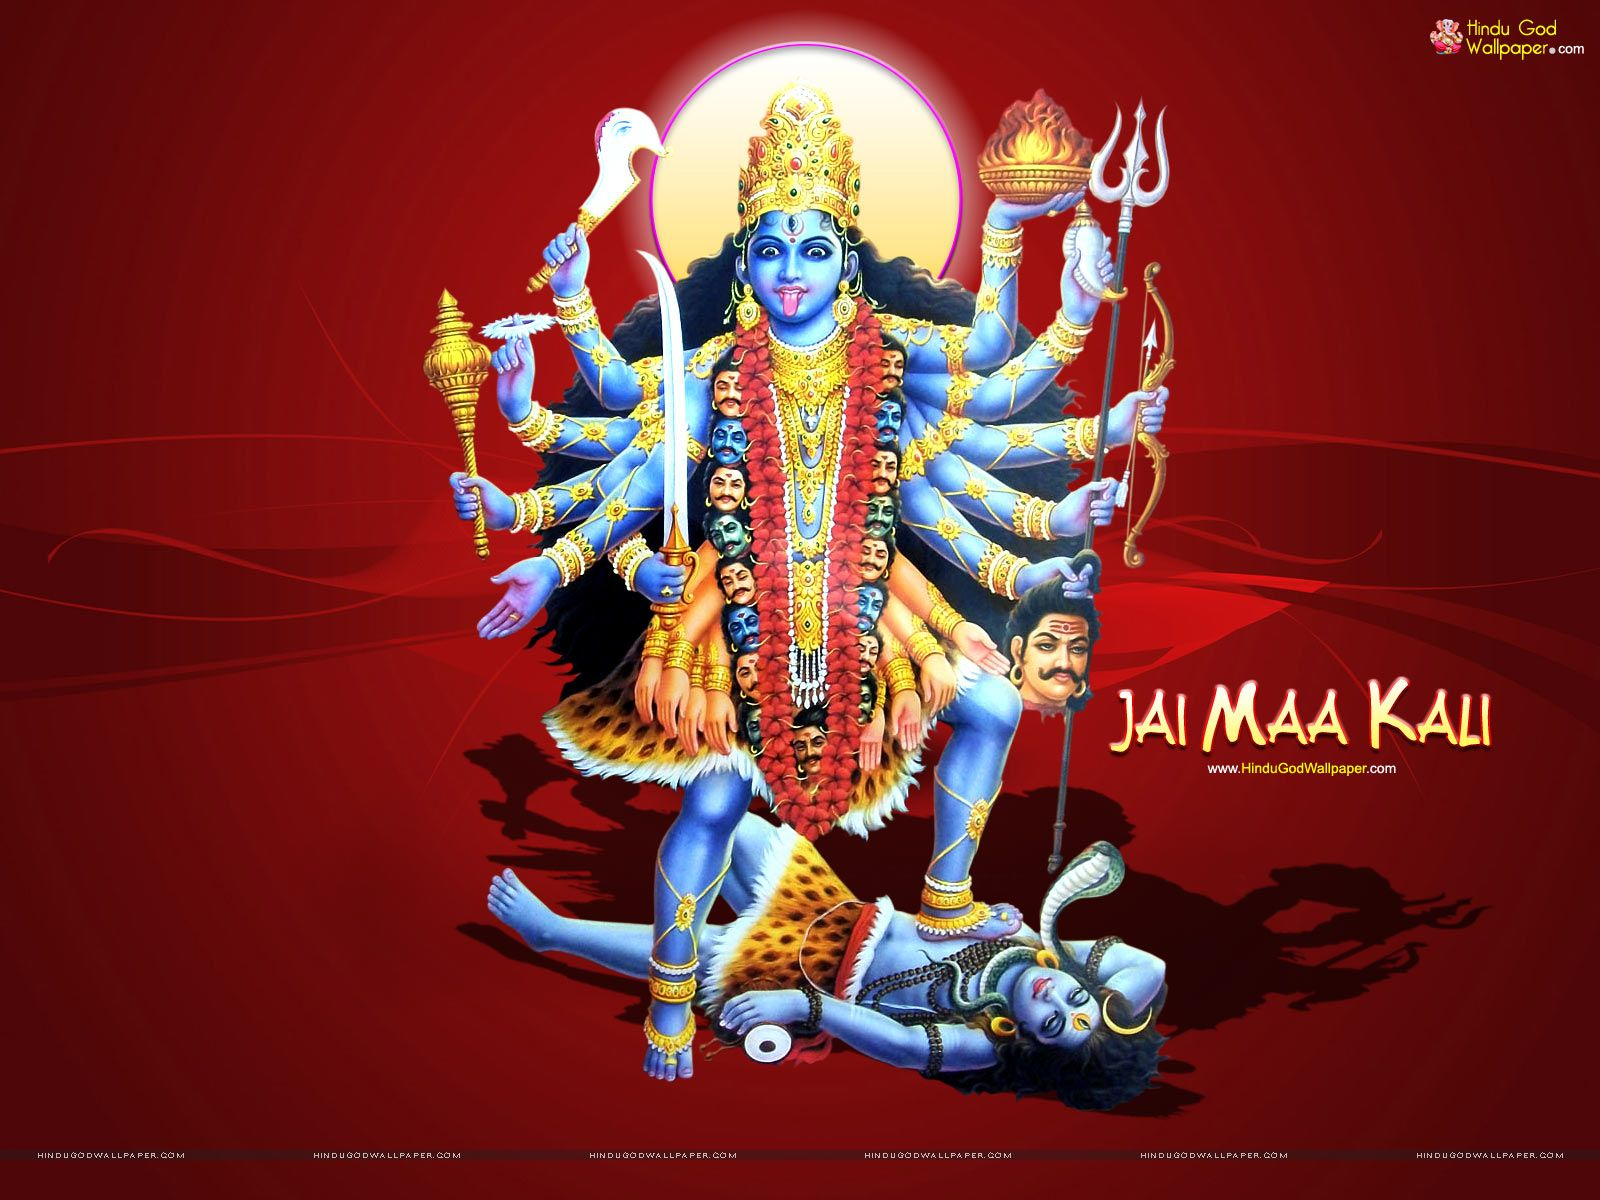 Fantastic Wallpaper Lord Bhadrakali - 9562d7d5d14857f57703f0645cd46aac  Gallery_22960.jpg